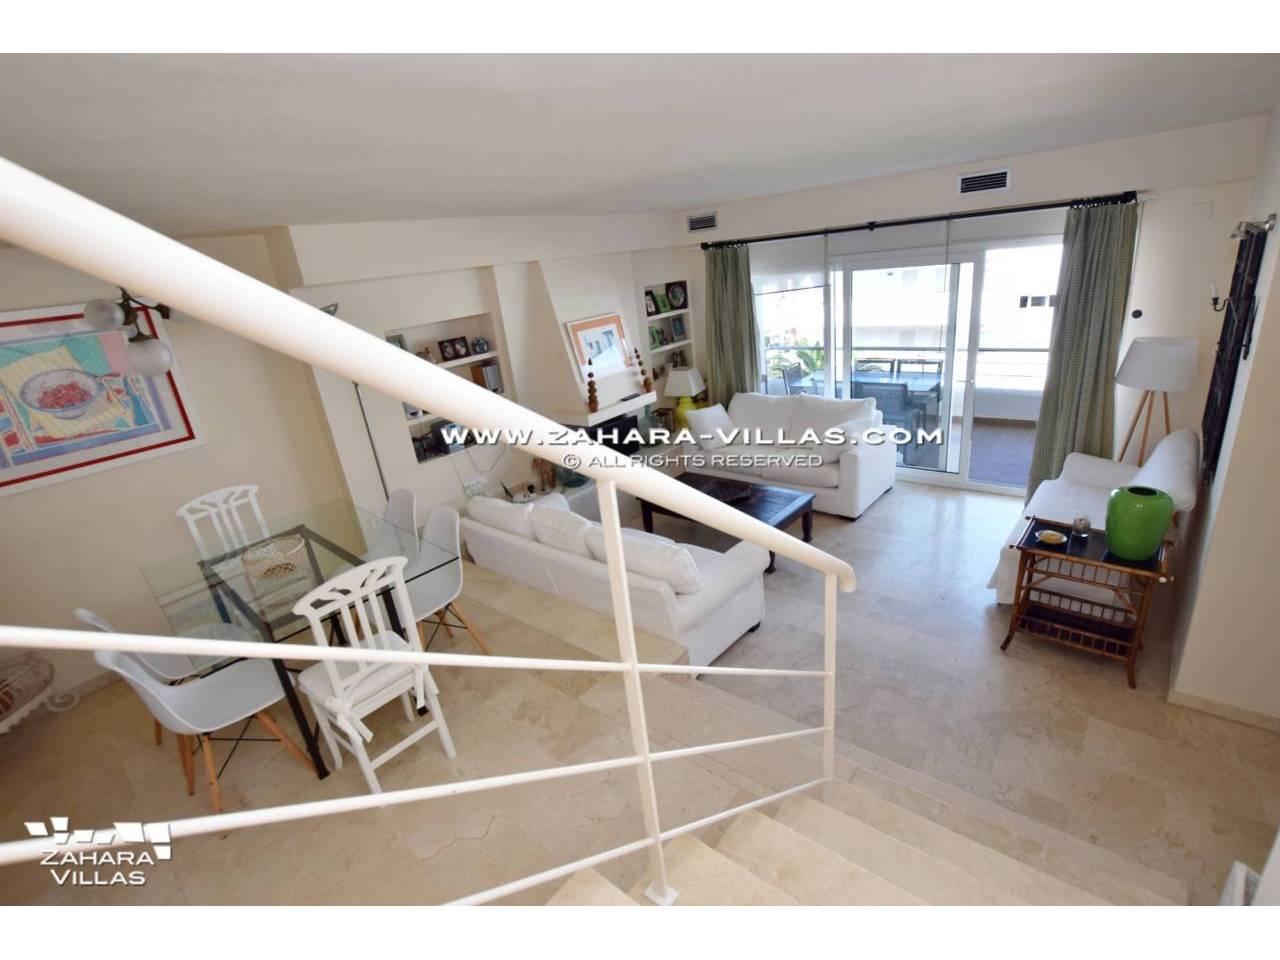 Imagen 8 de Duplex zu verkaufen in Urb. Costa Zahara